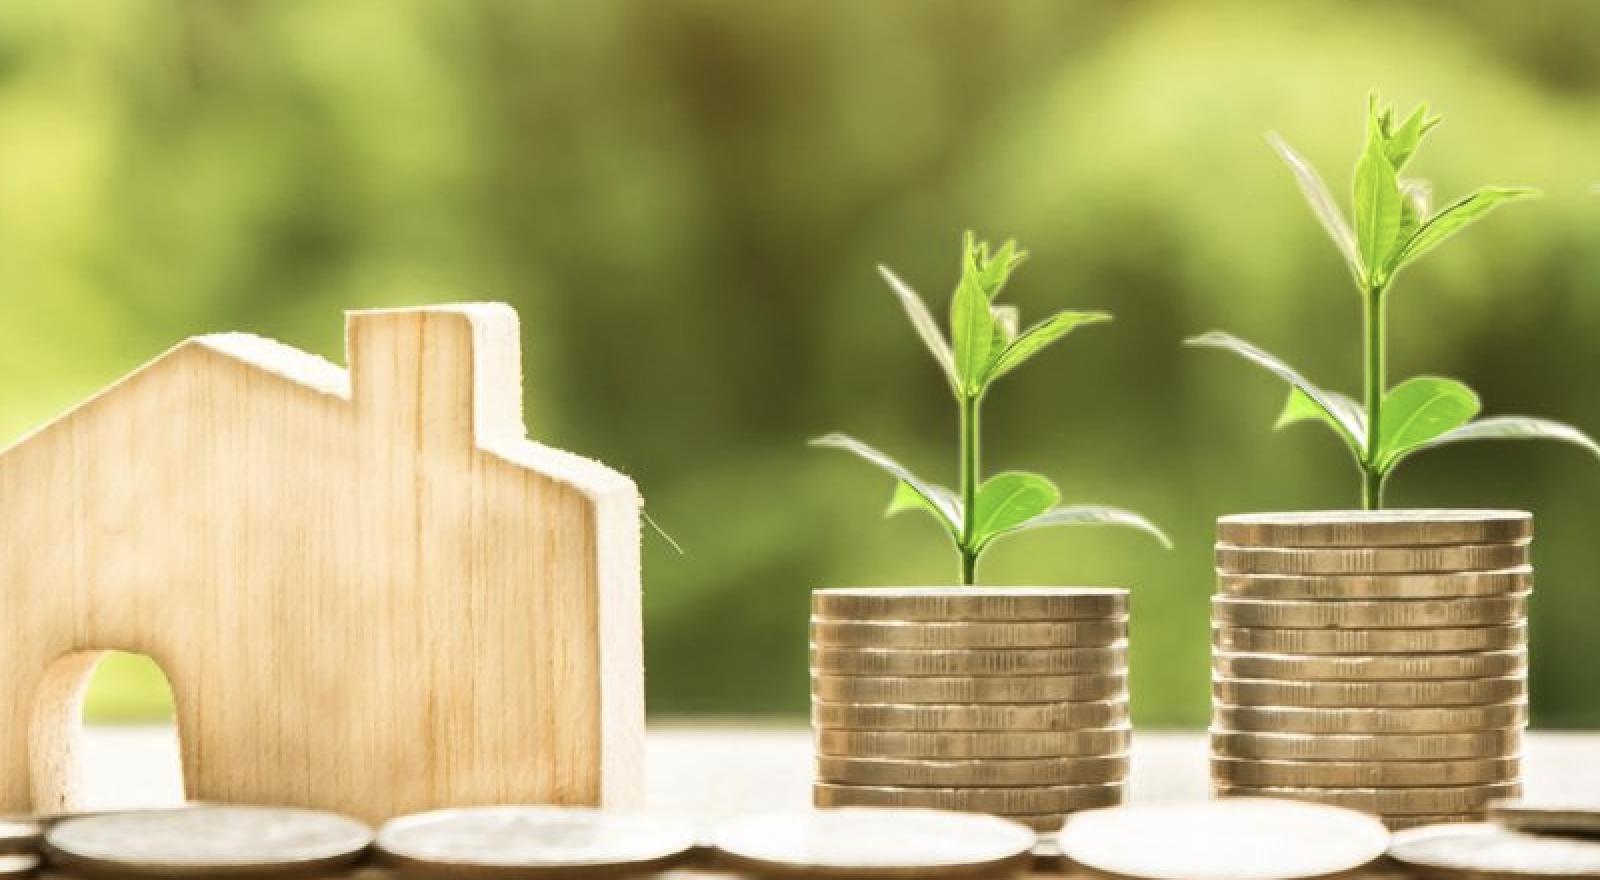 Cerrar la brecha entre la naturaleza y las finanzas